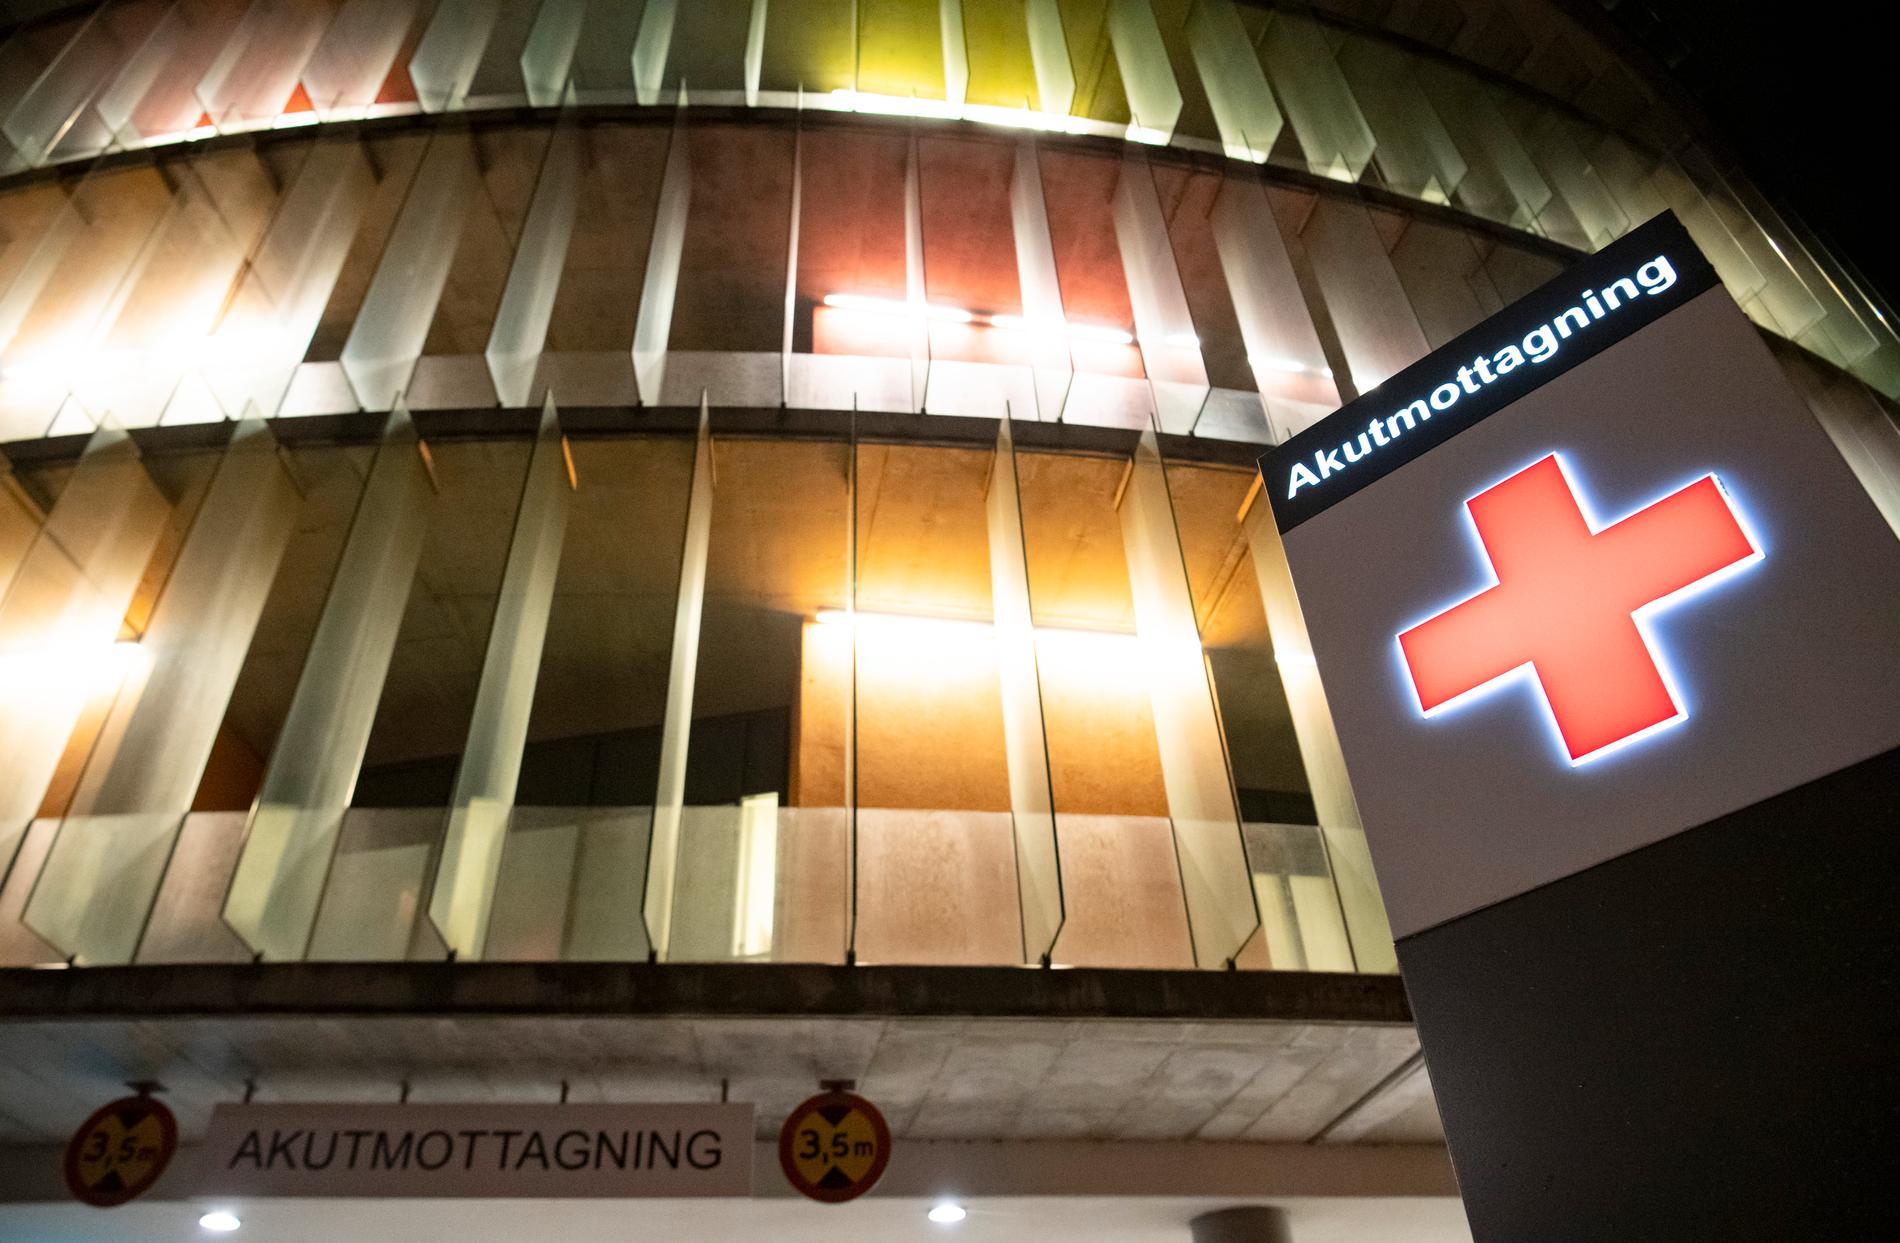 Efter en patients död har ett sjukhus i Malmö gjort en lex Maria-anmälan till Inspektionen för vård och omsorg. Arkivbild.